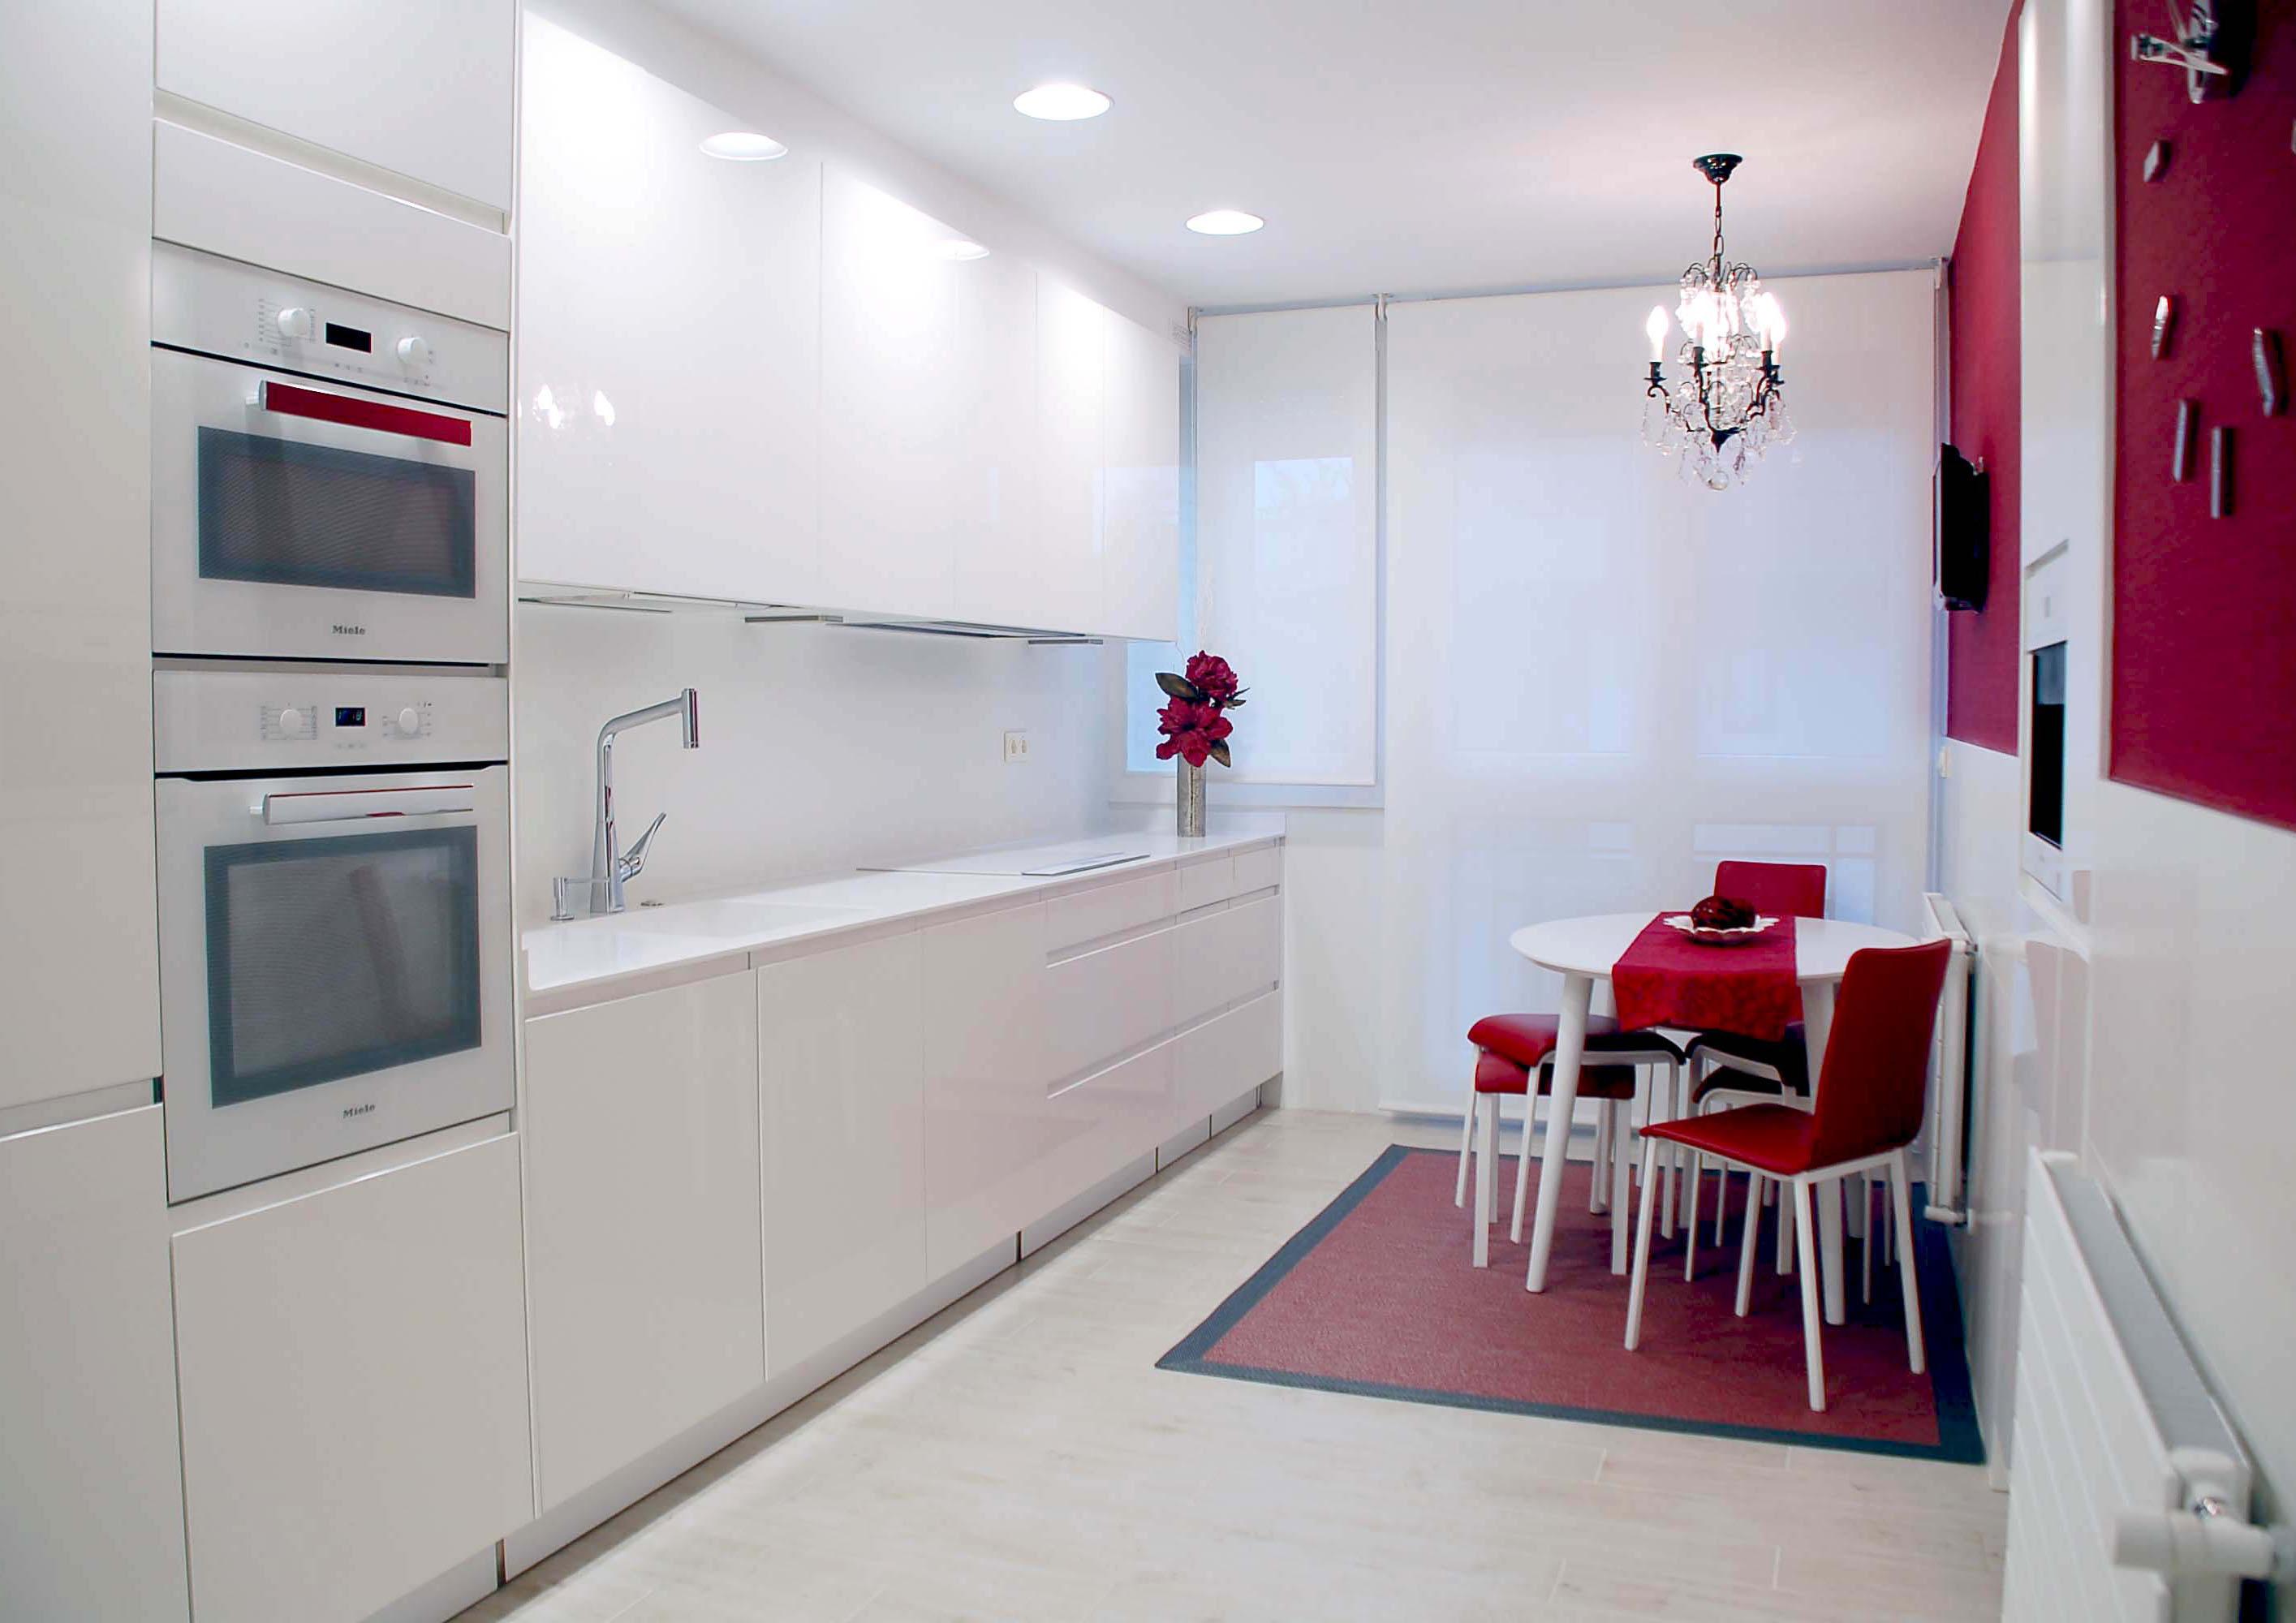 Bienvenidos a dg muebles cocinas i mobiliario de hogar y - Cocinas con electrodomesticos blancos ...